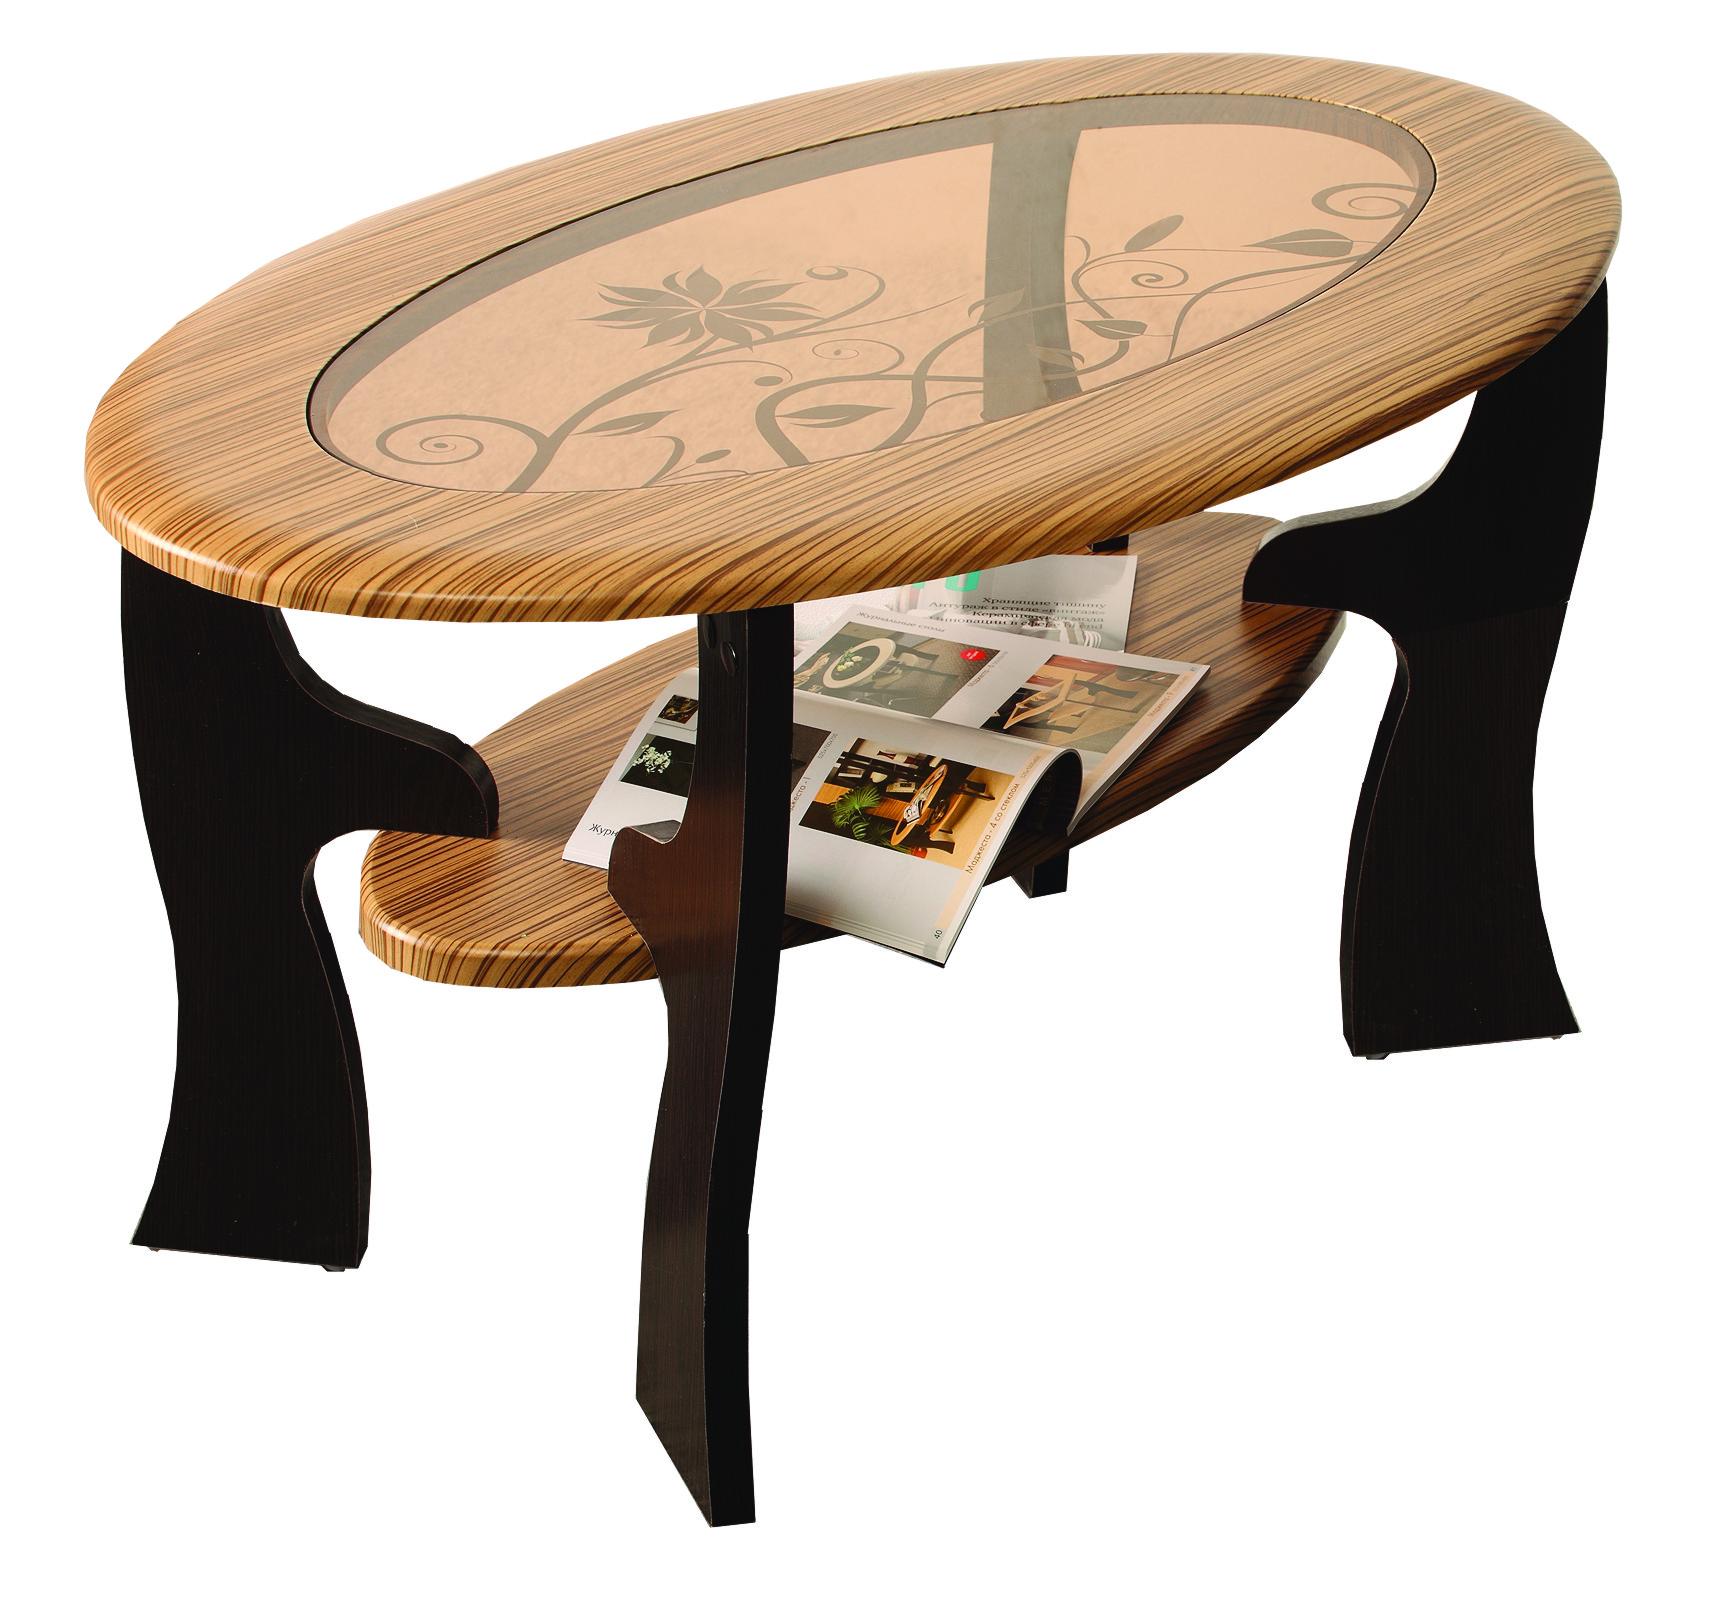 Журнальный стол Маджеста-4 с пескоструем Олимп-Мебель